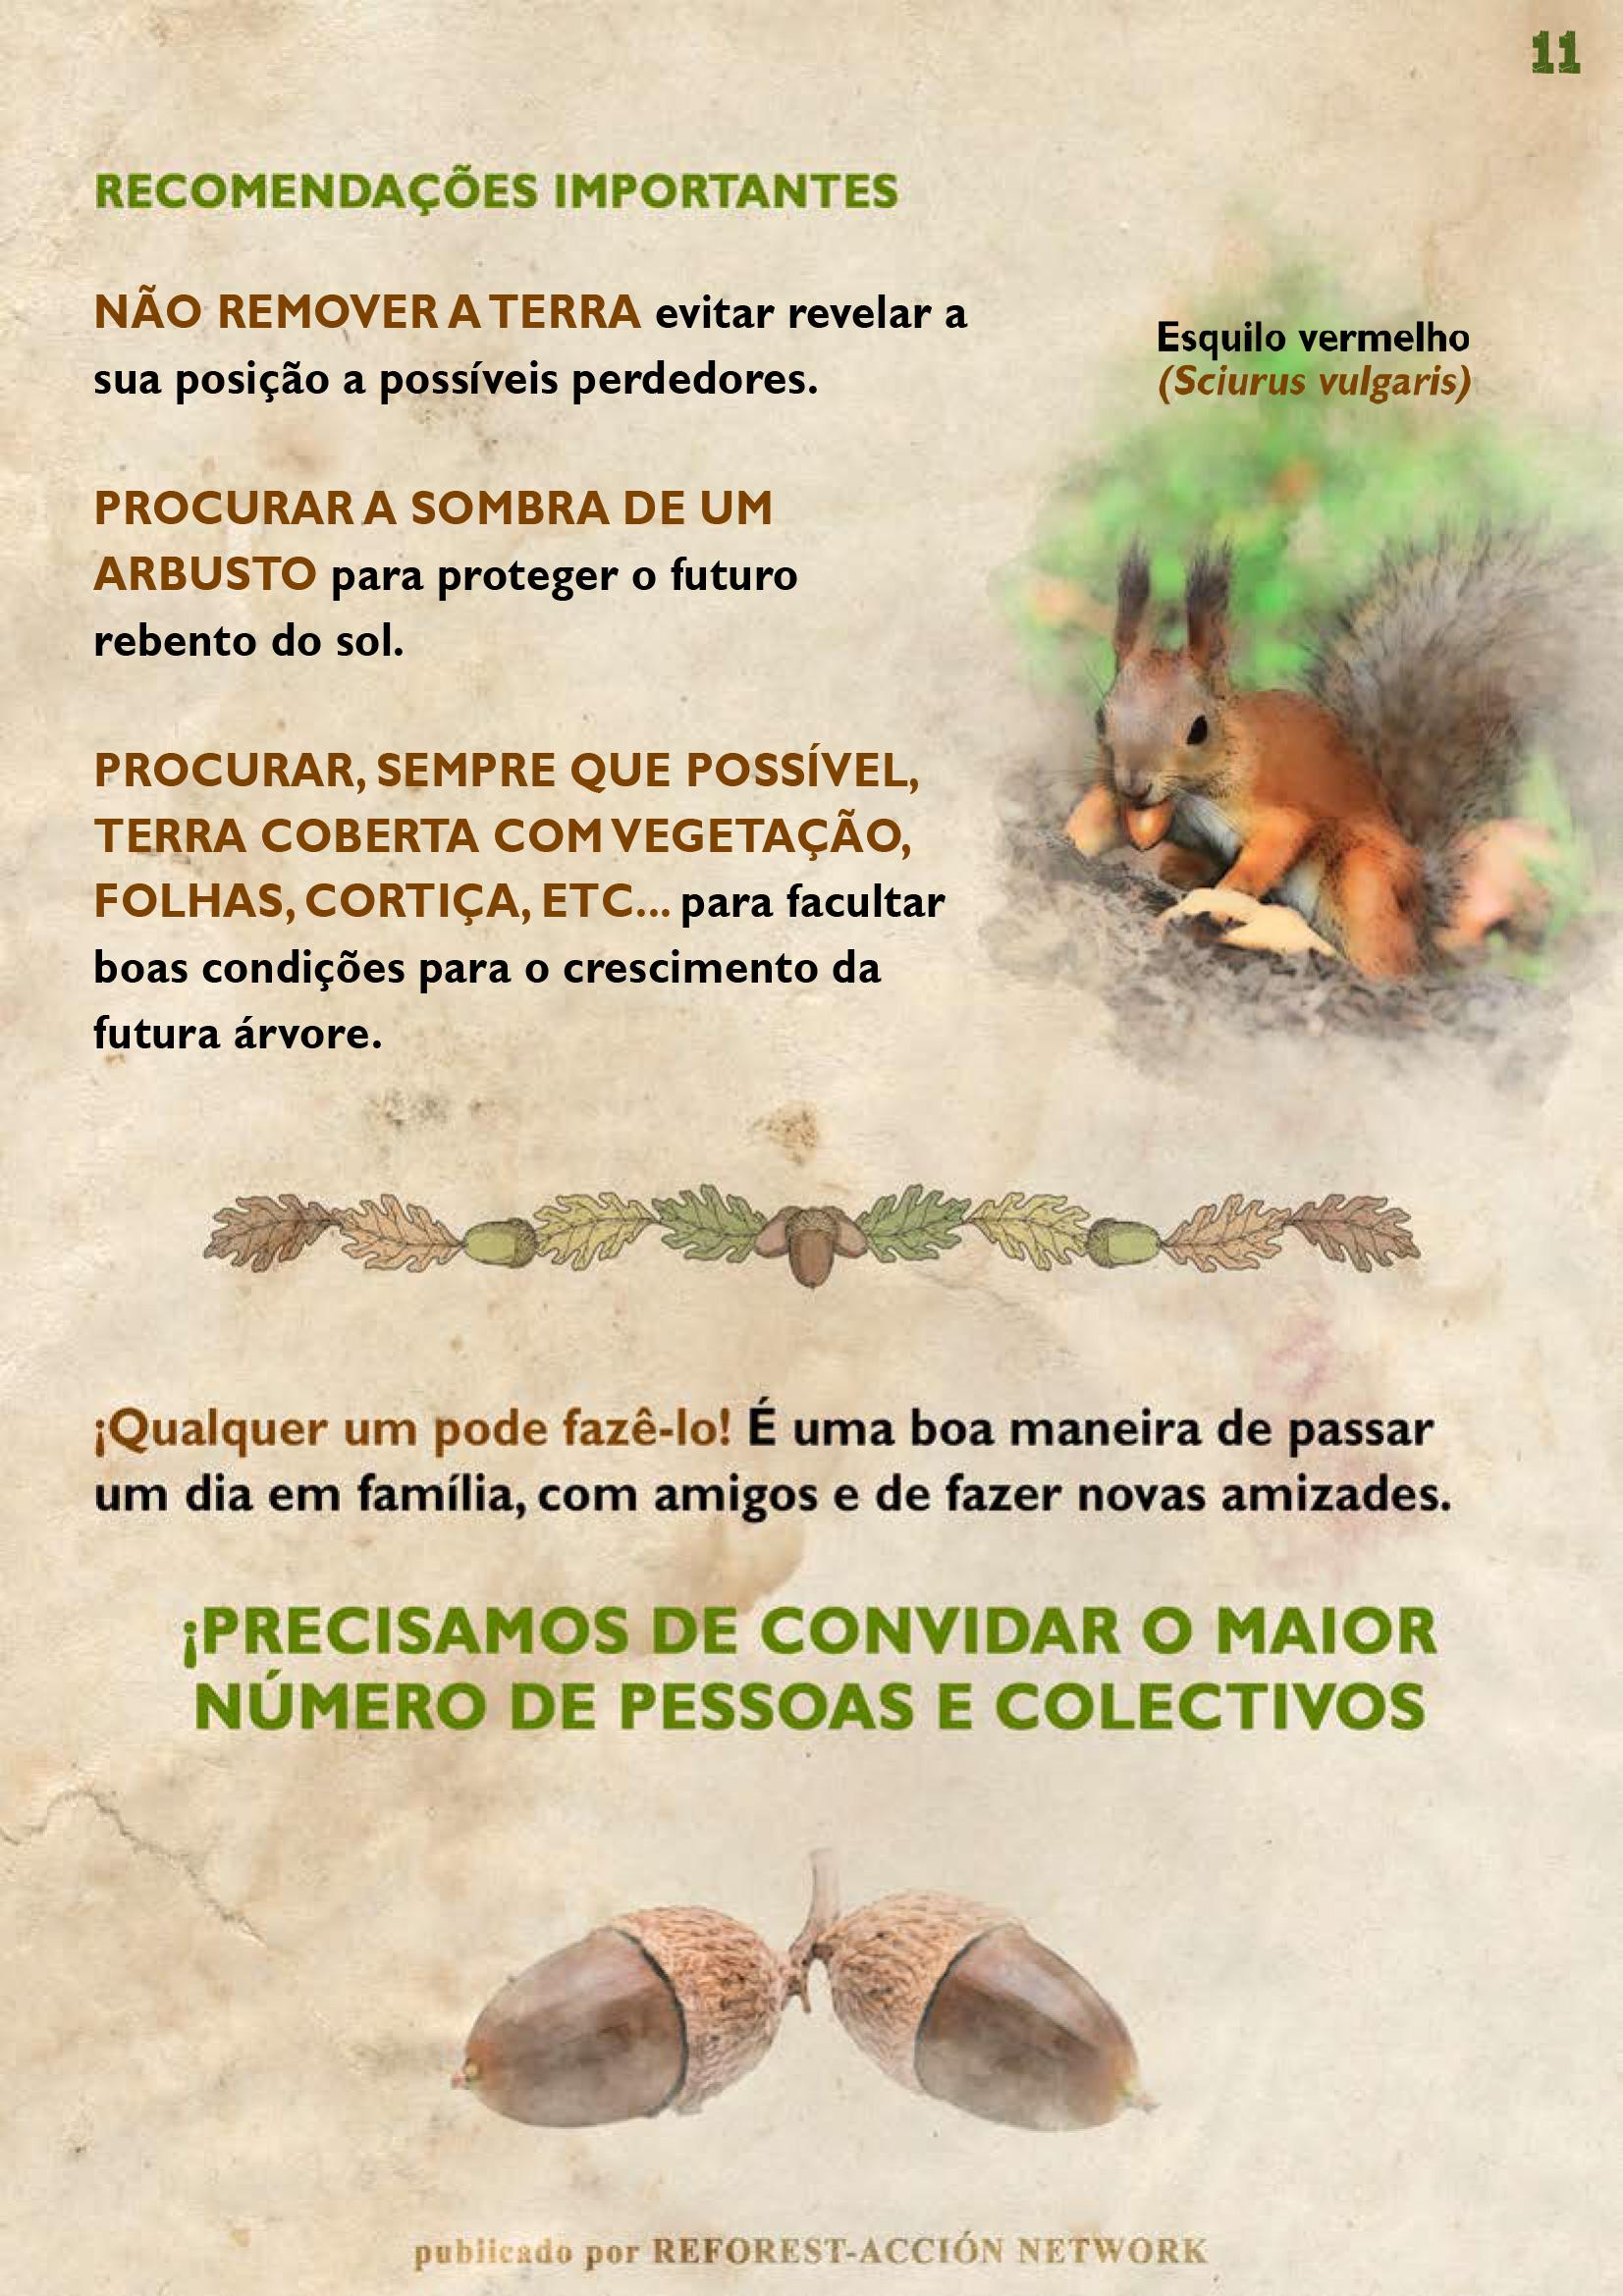 GUIA BELLOTERA - PAG 12 PT